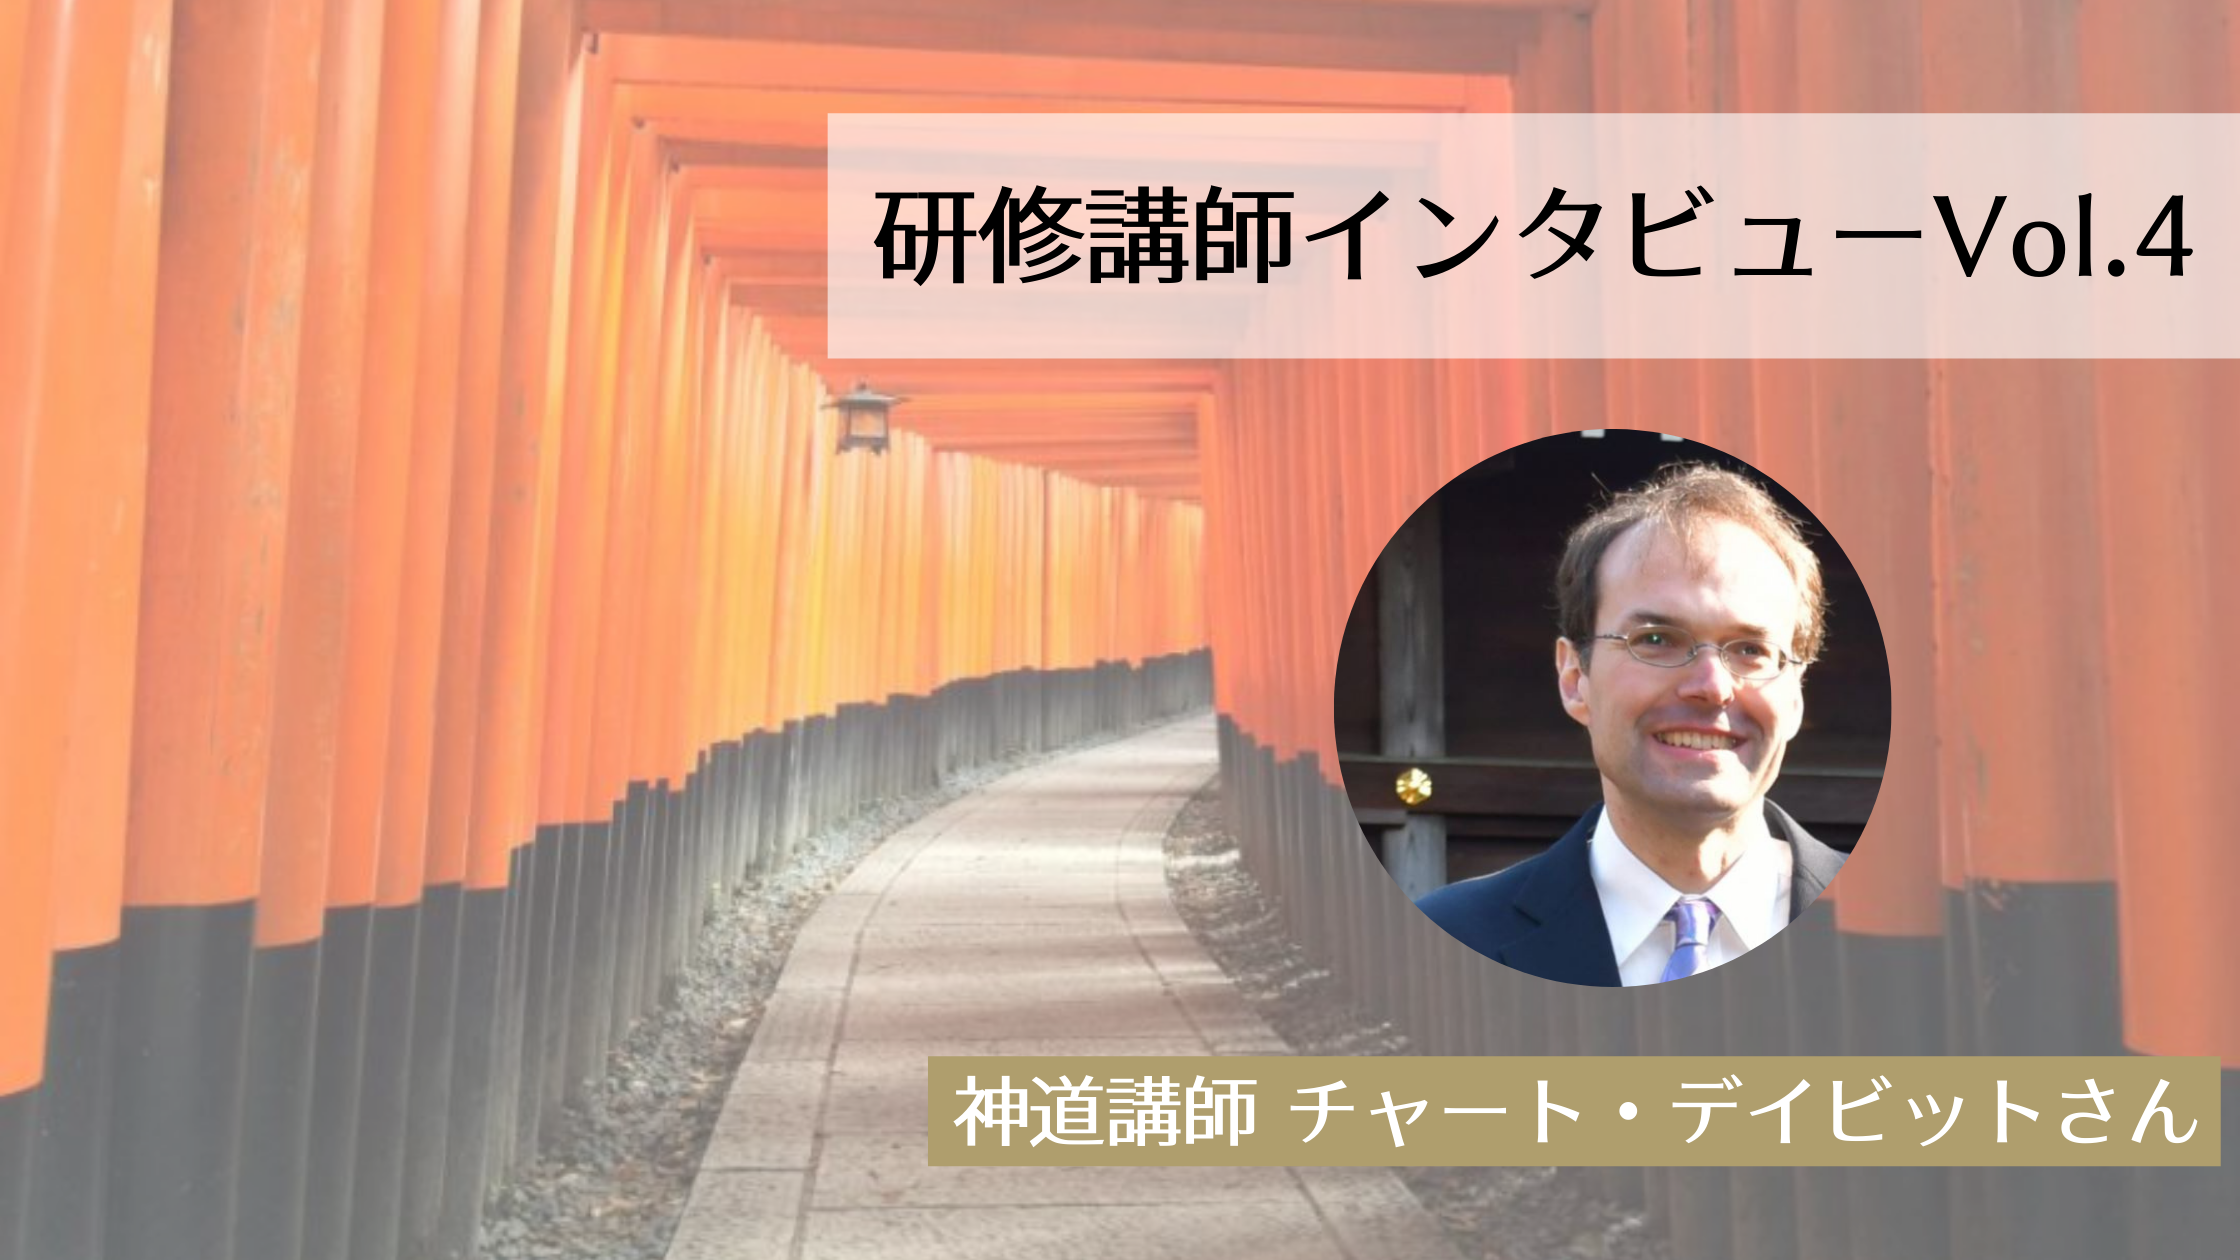 神道講師インタビュー